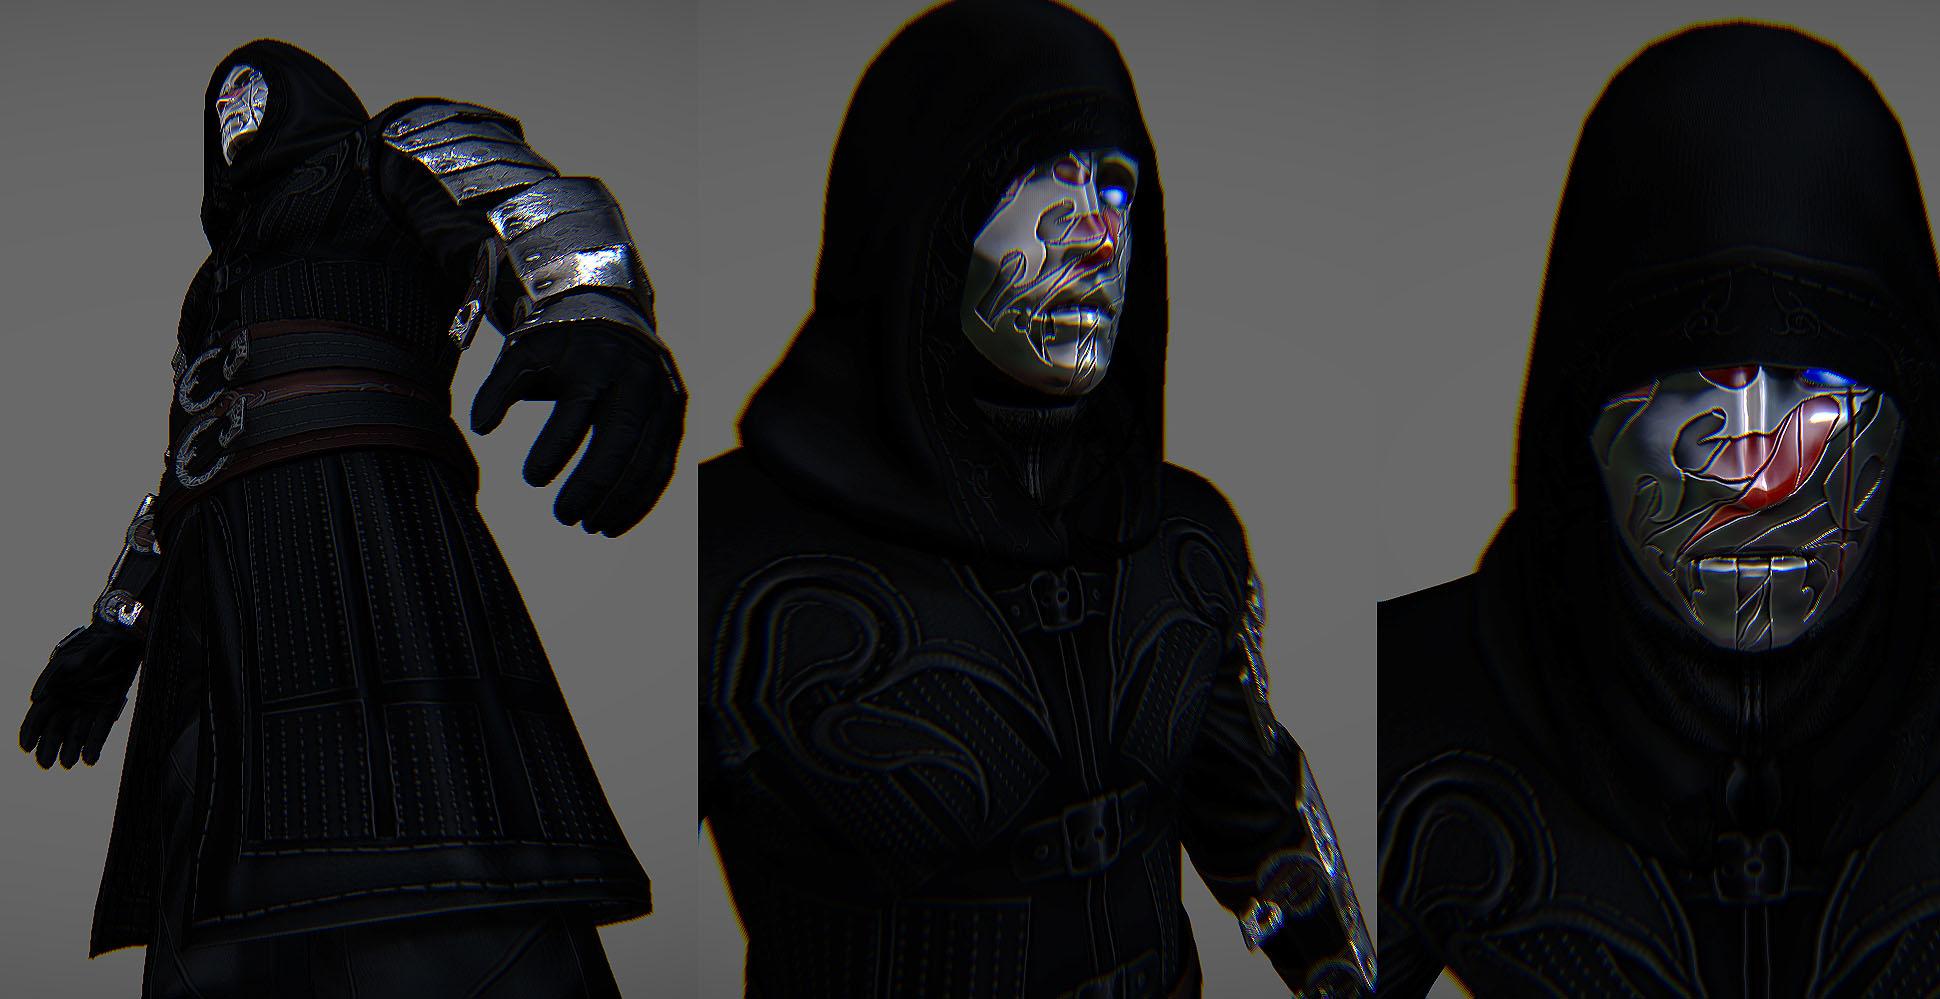 Crimson Tear Order Skyrim armor 1 by Zerofrust